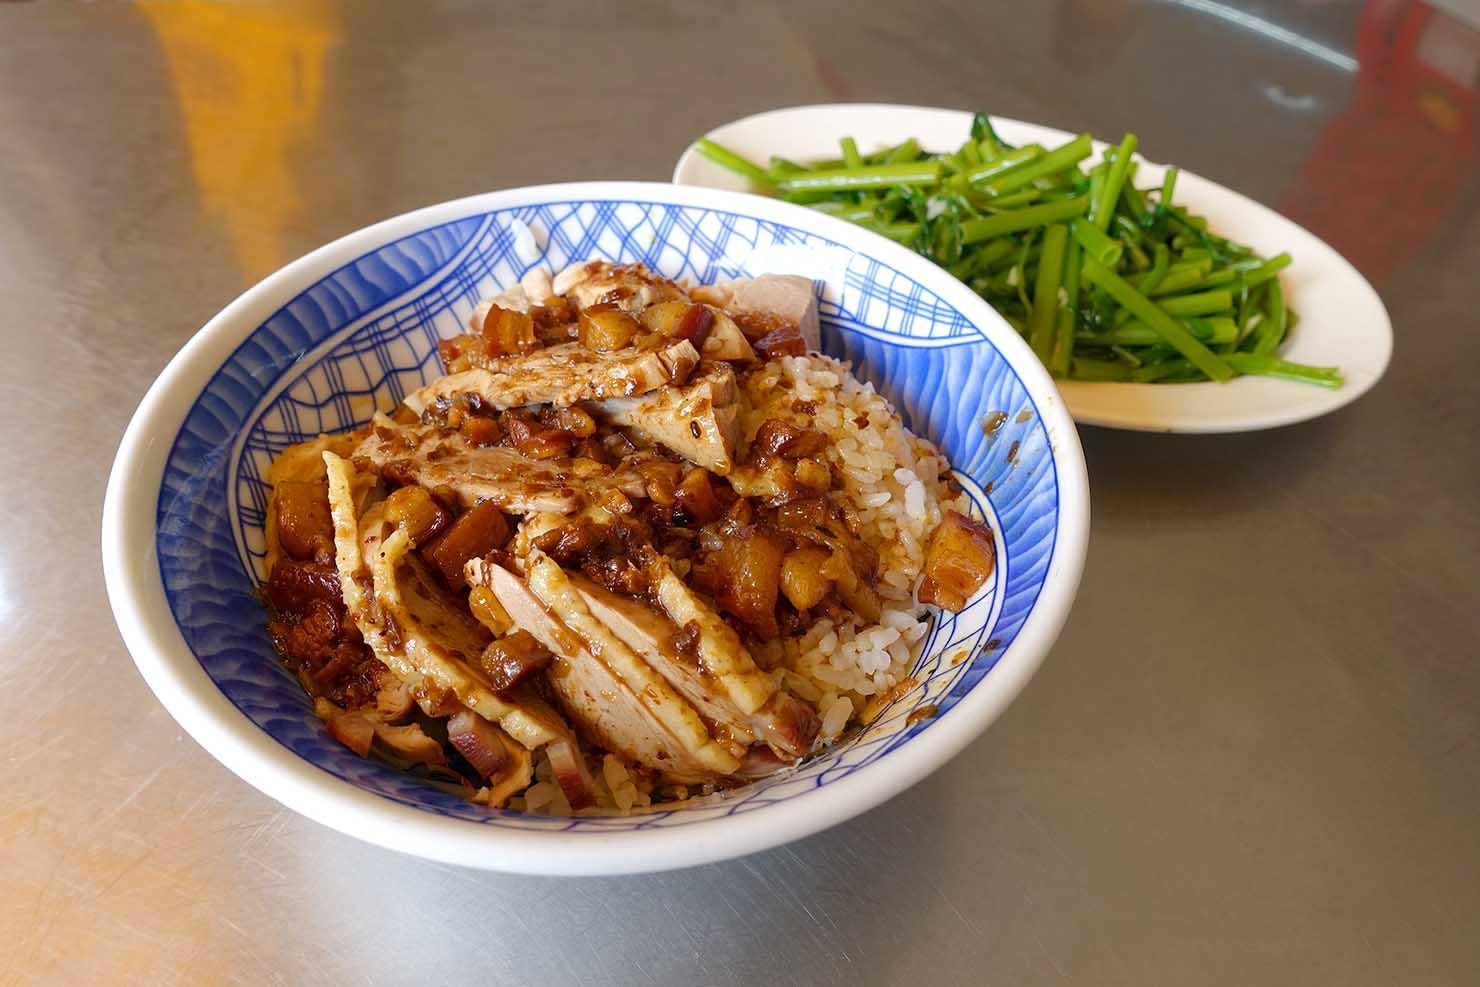 高雄の伝統台湾グルメエリア・鹽埕埔「鴨肉珍」の鴨肉飯+燙青菜